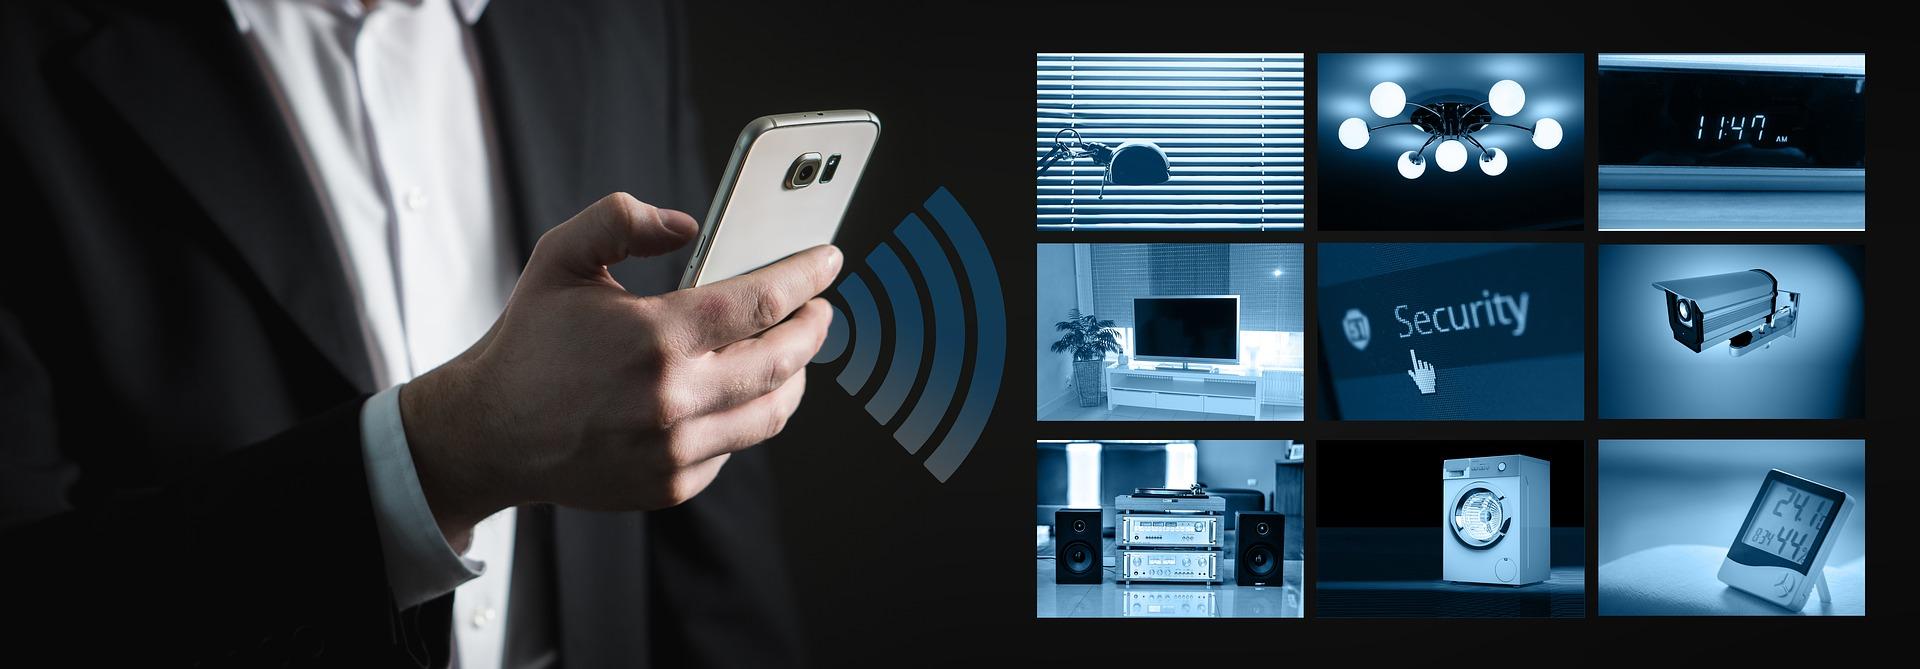 videovigilancia24 la seguridad en su máxima expresión